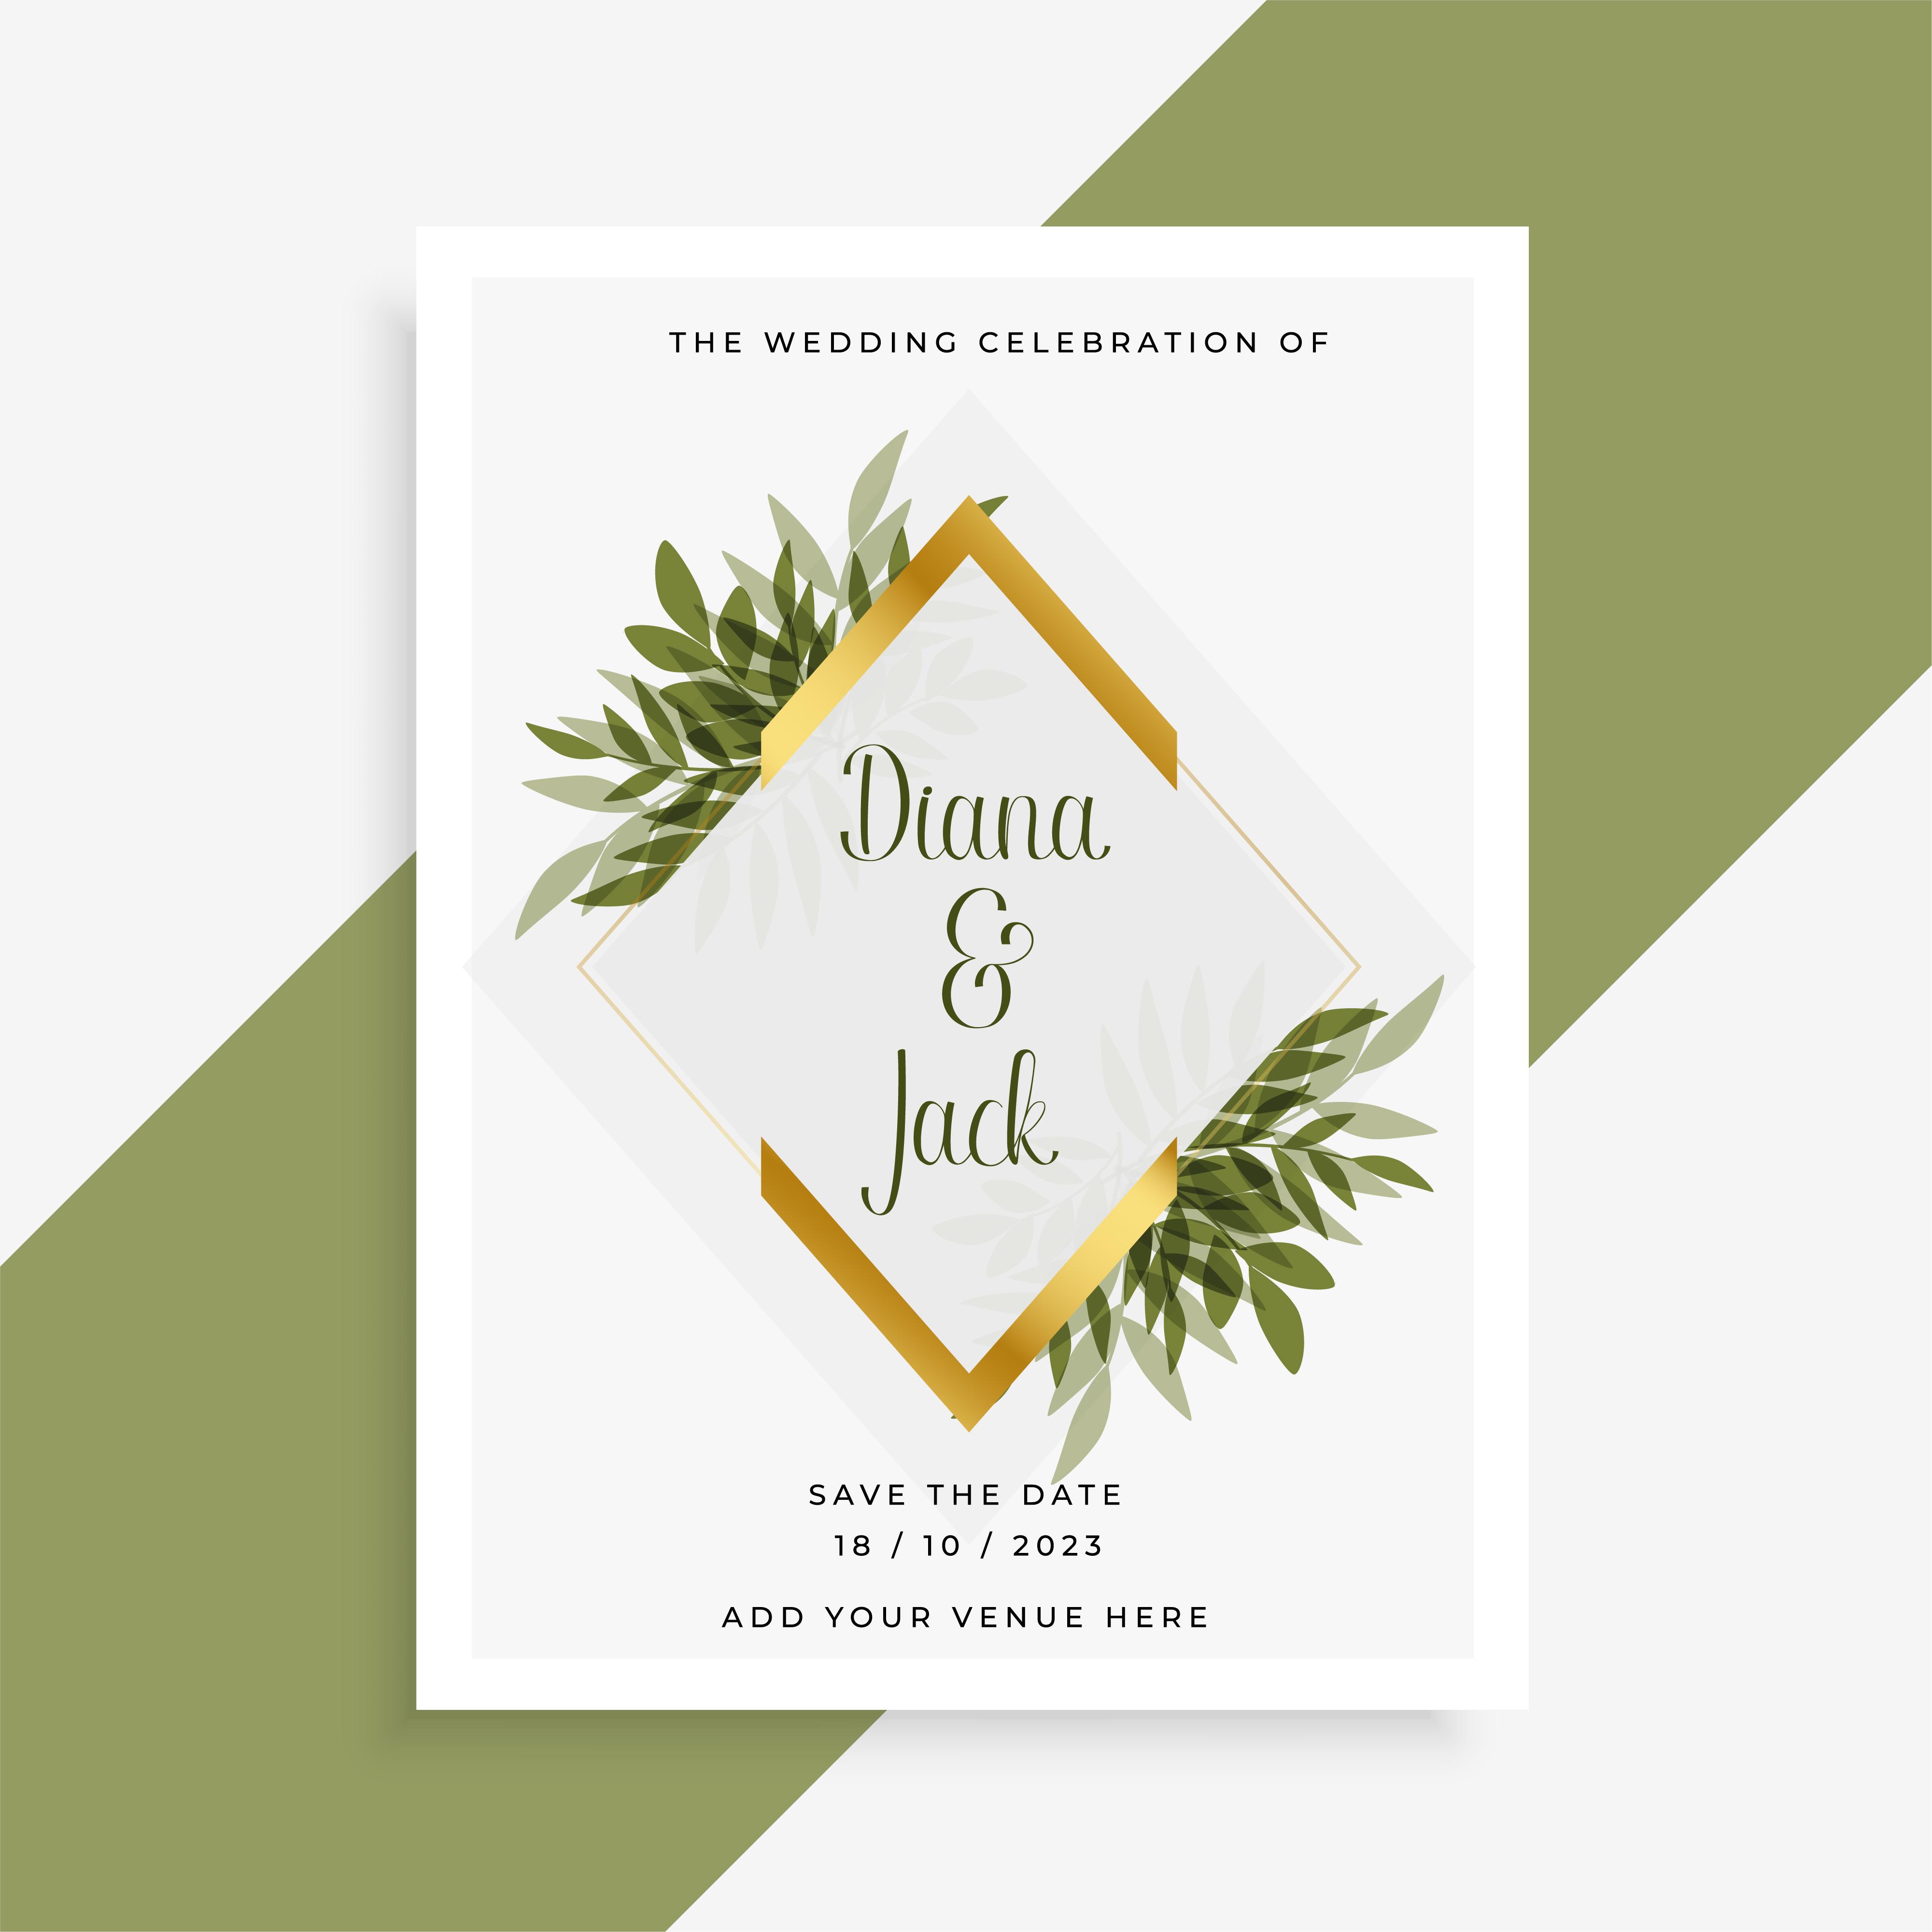 elegant wedding card design with frame of leaves